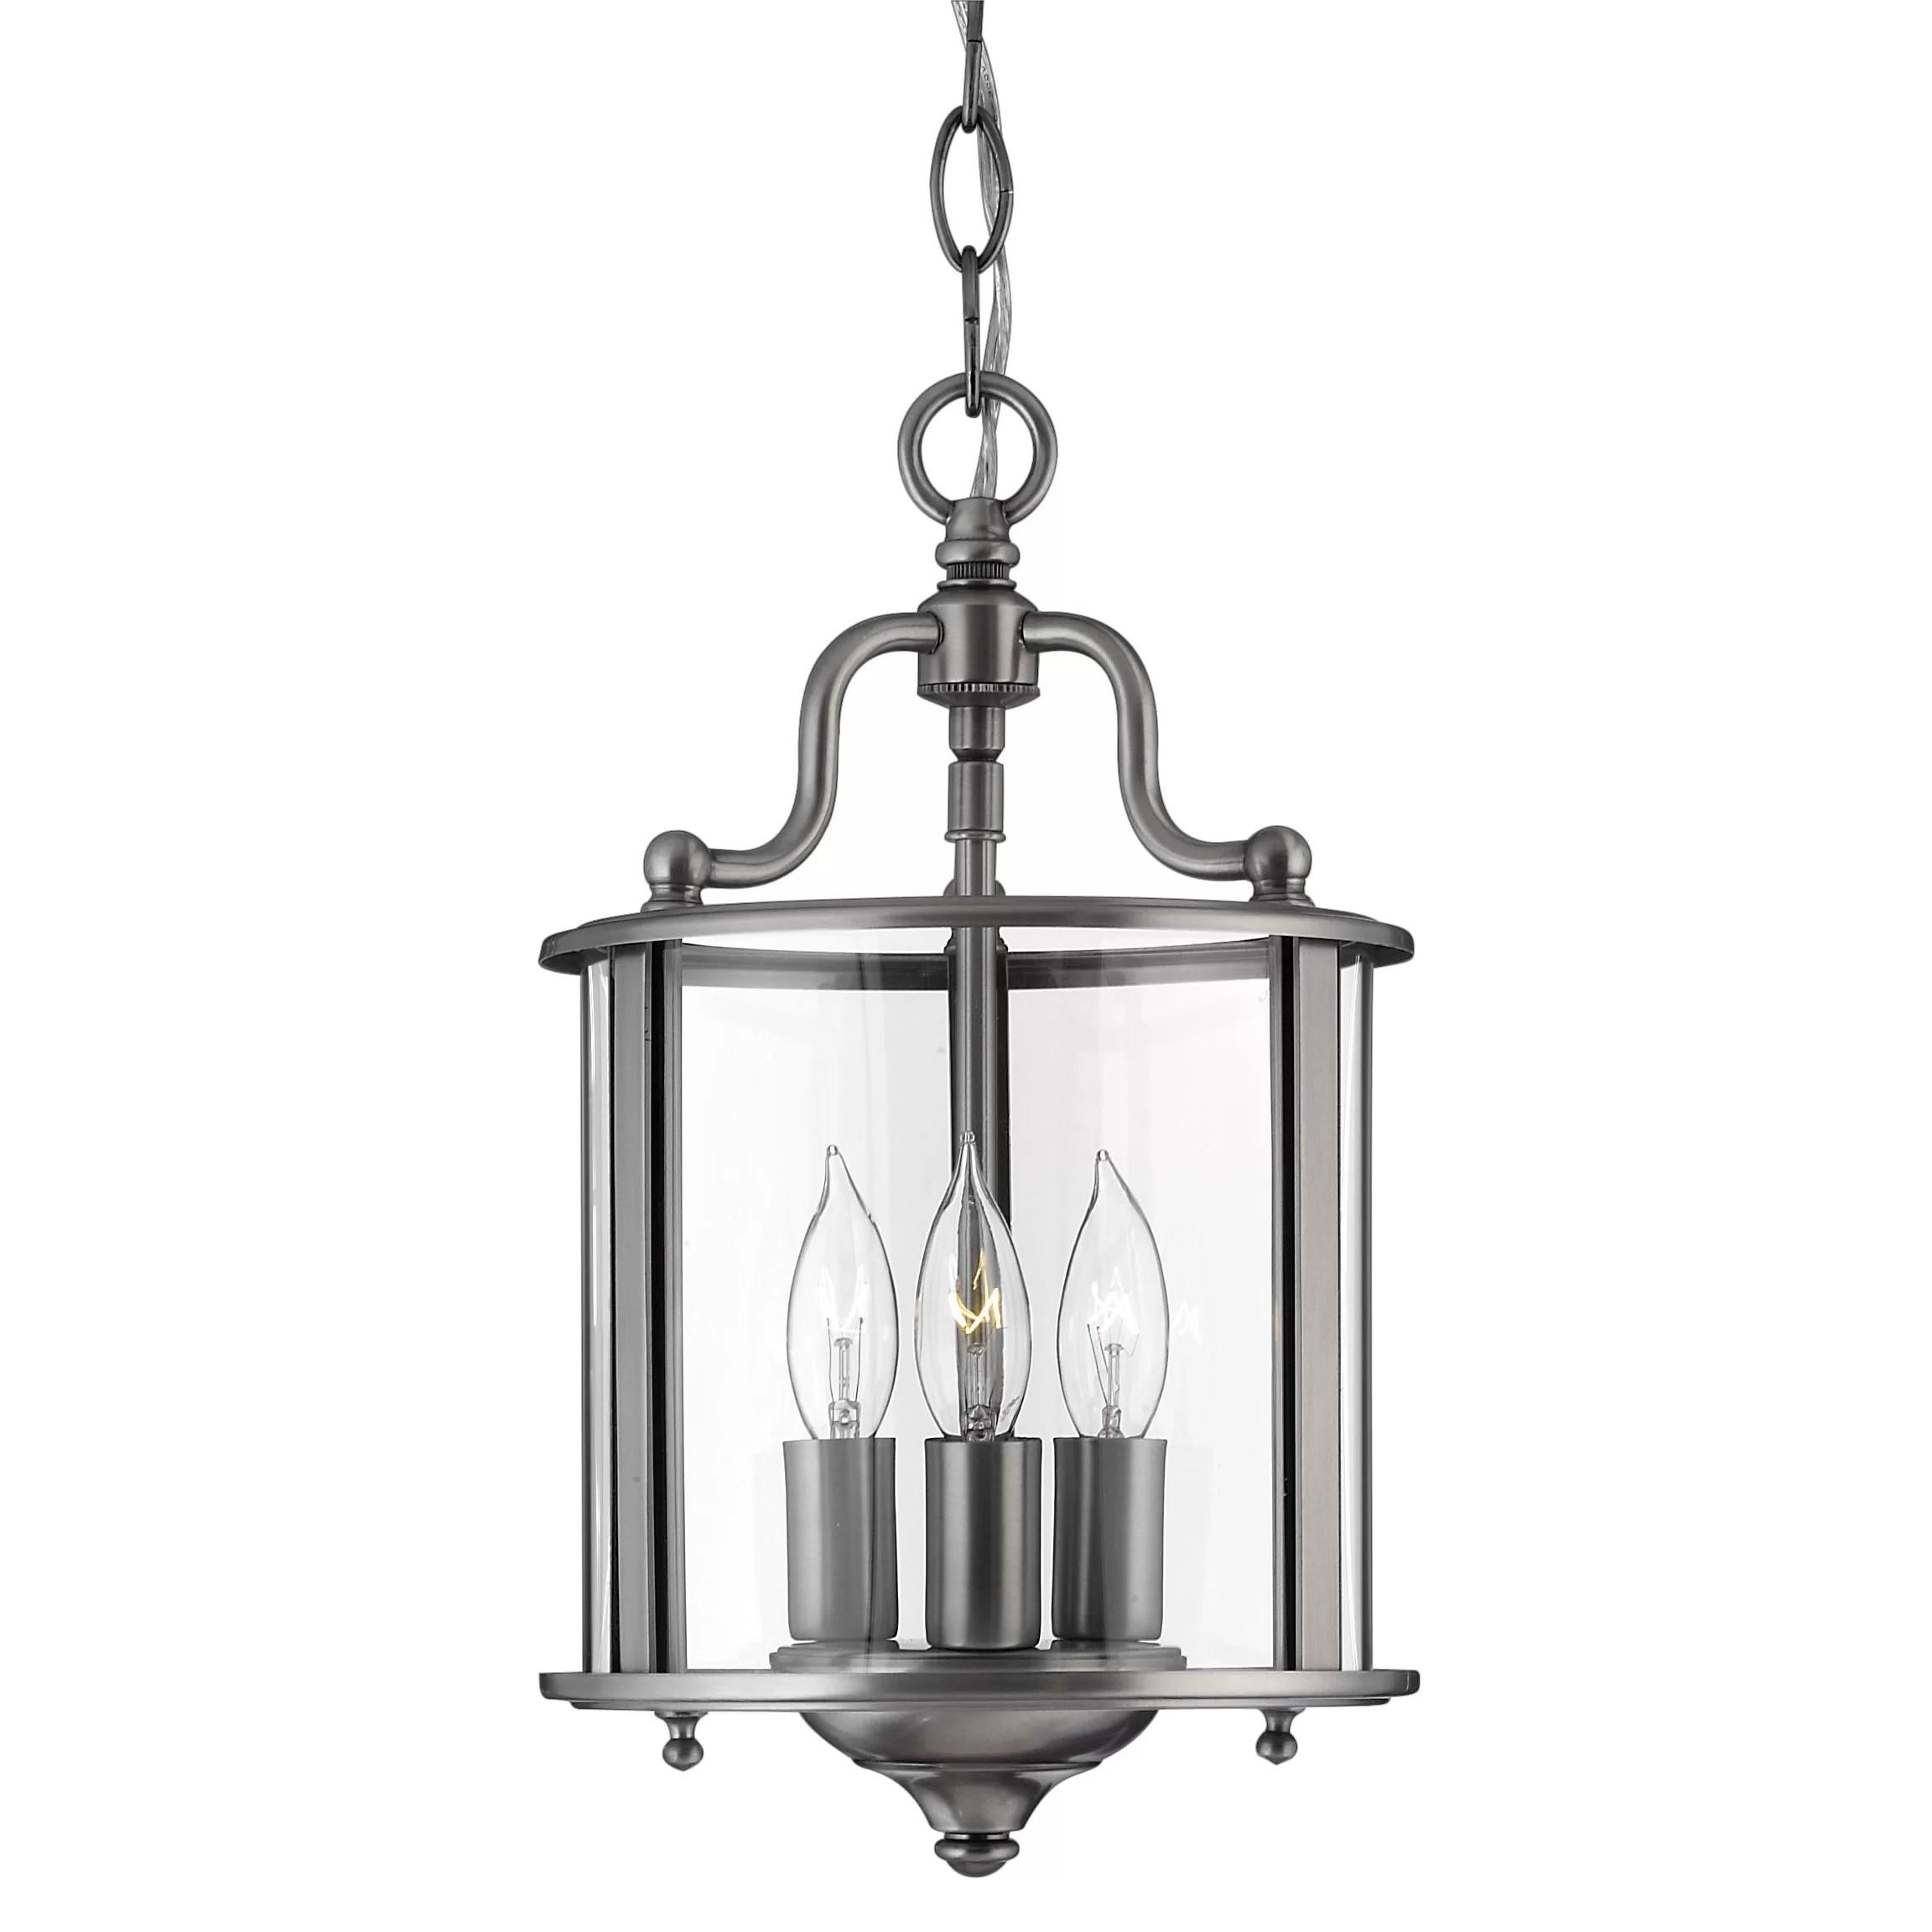 Hinkley Lighting Gentry 3 Light Foyer Pendant & Reviews